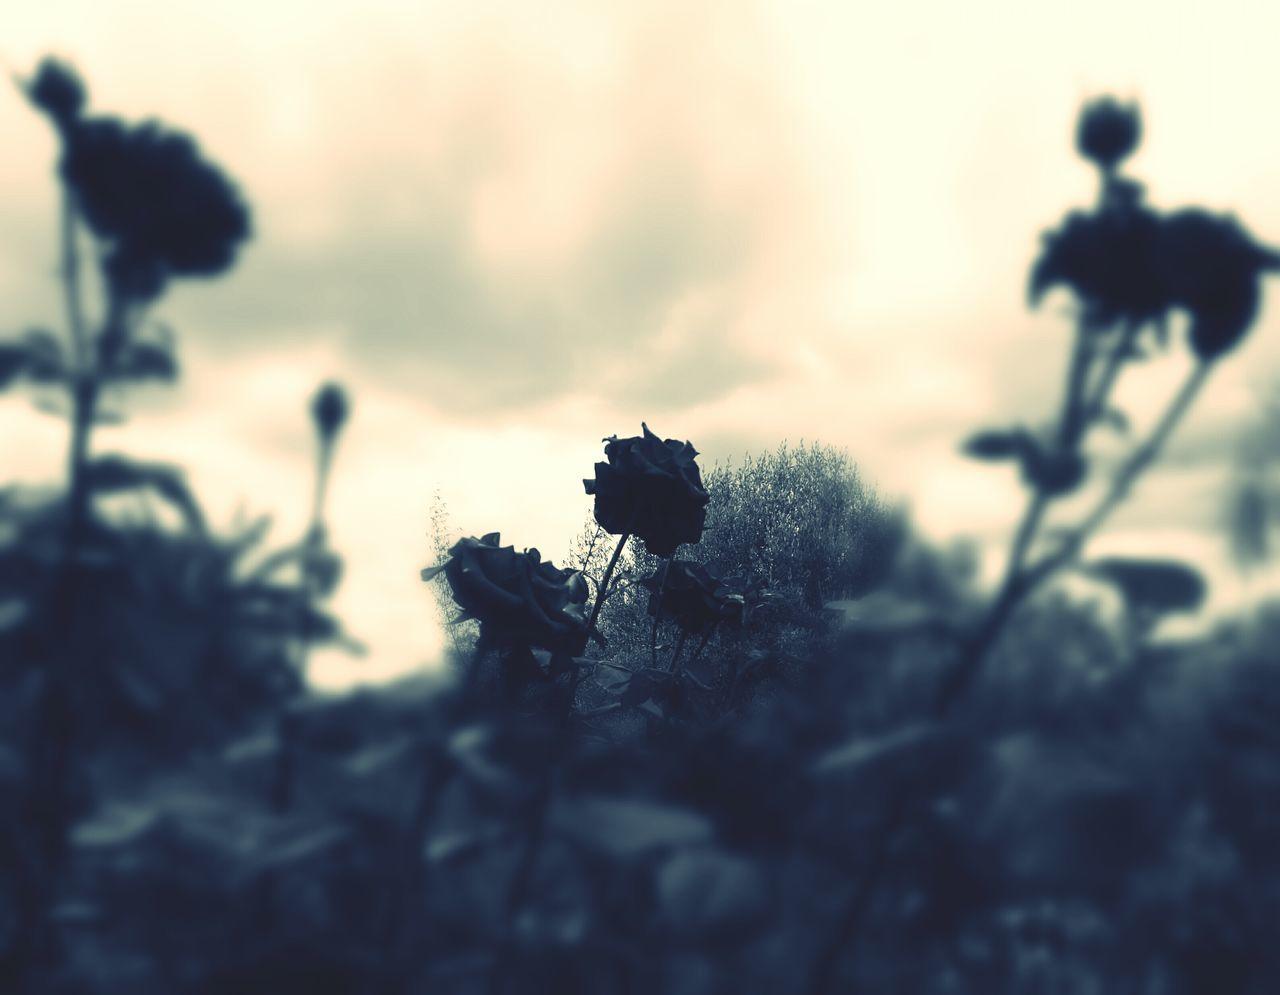 Sguardo... Canicattini Bagni Fiori Flowers Natura Clero Siracusa Sicily Melilli Chiesa Priolo Gargallo Floridia  Siracusa Fiore Barocco San Sebastiano Sicily Rose🌹 Viso Sguardo  Sguardo Tenero